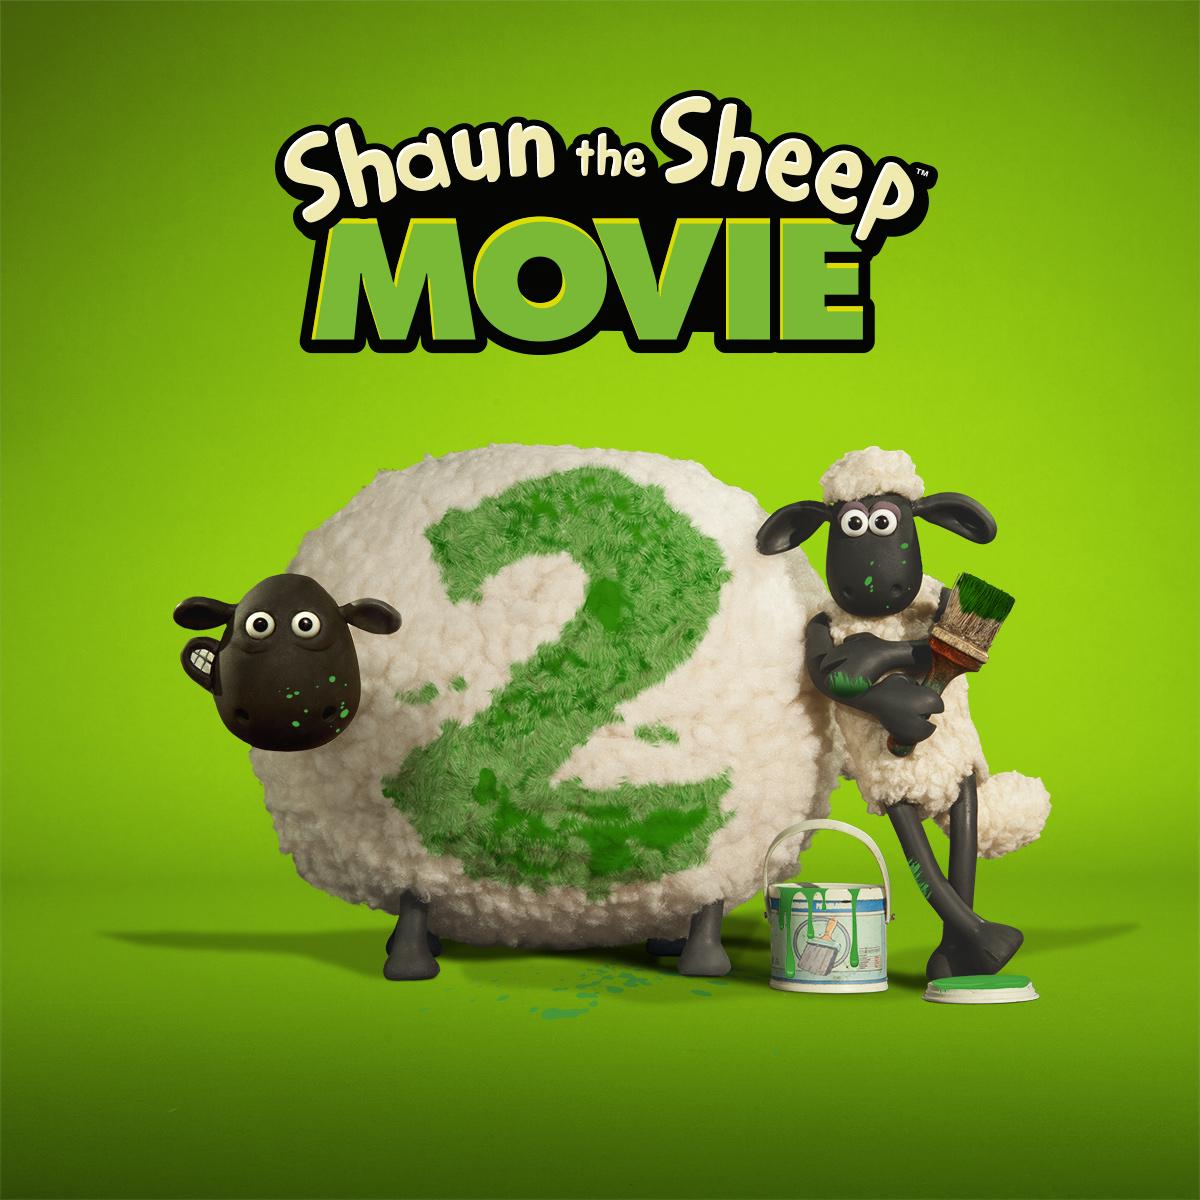 Shaun the Sheep Movie 2 Announced